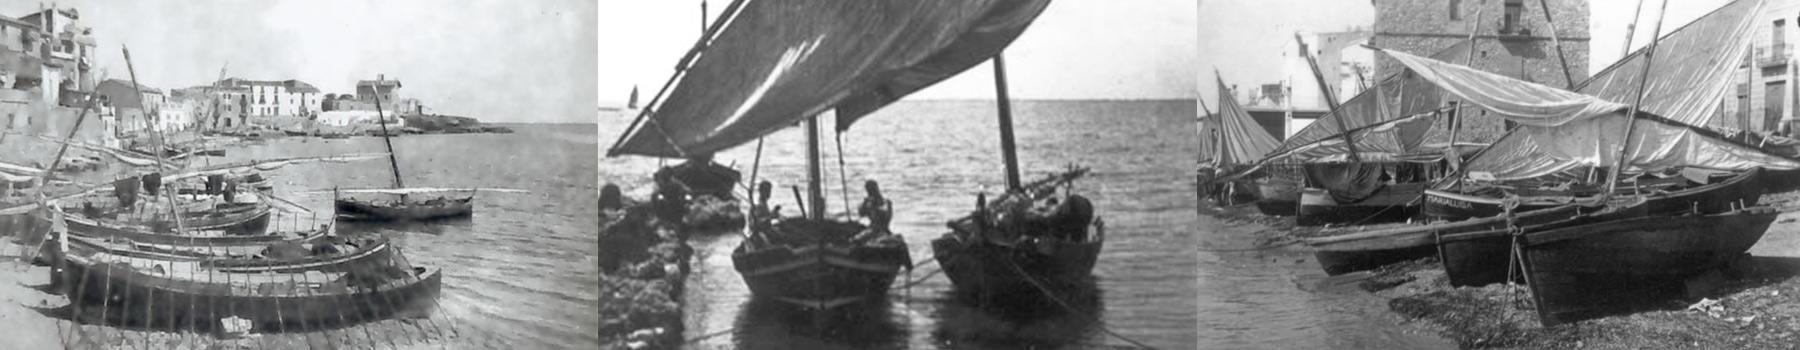 Die Geschichte eines Fischerdorfs